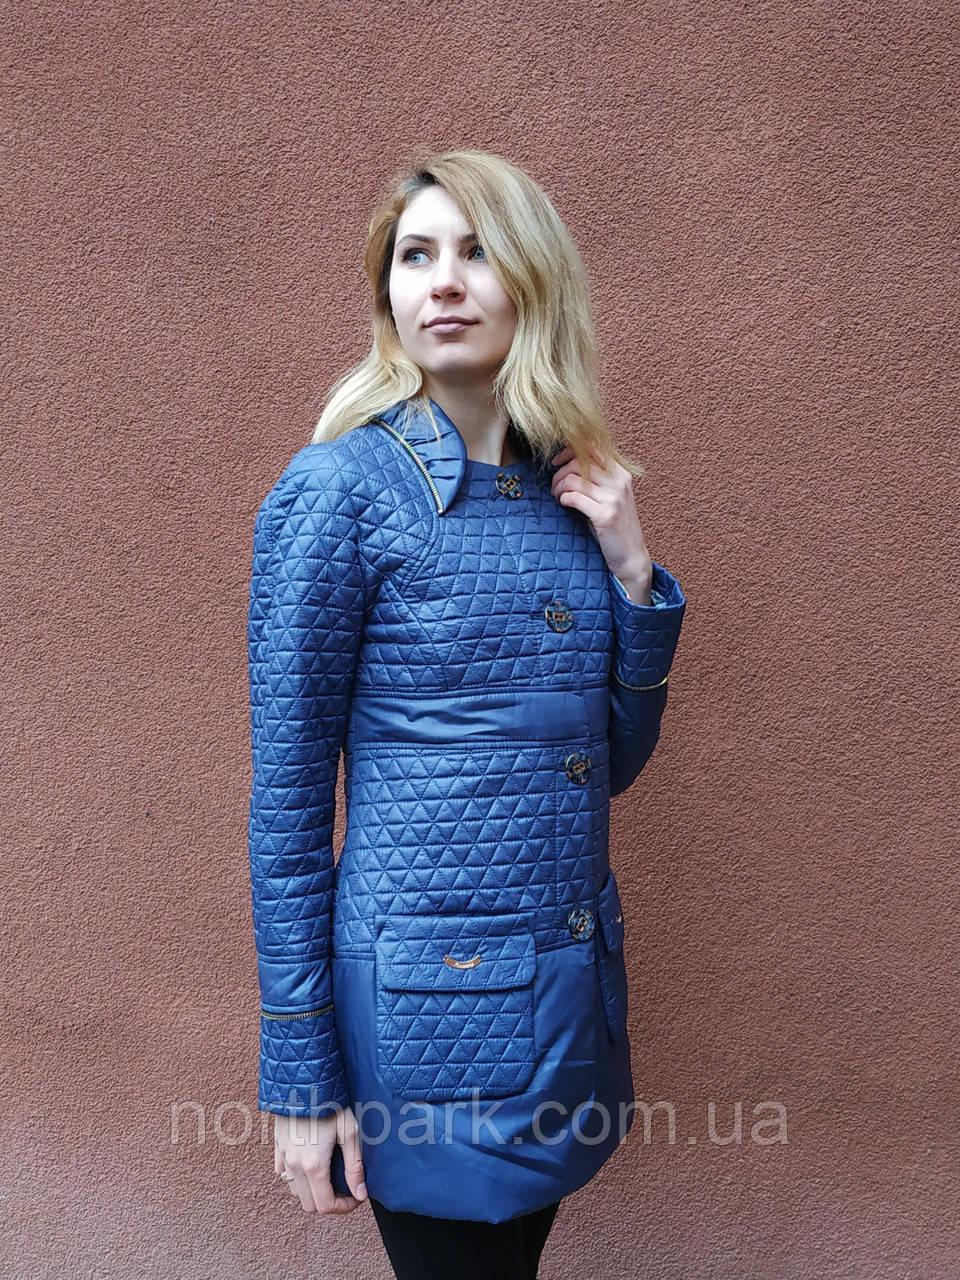 Женская весенняя приталенная куртка, синяя